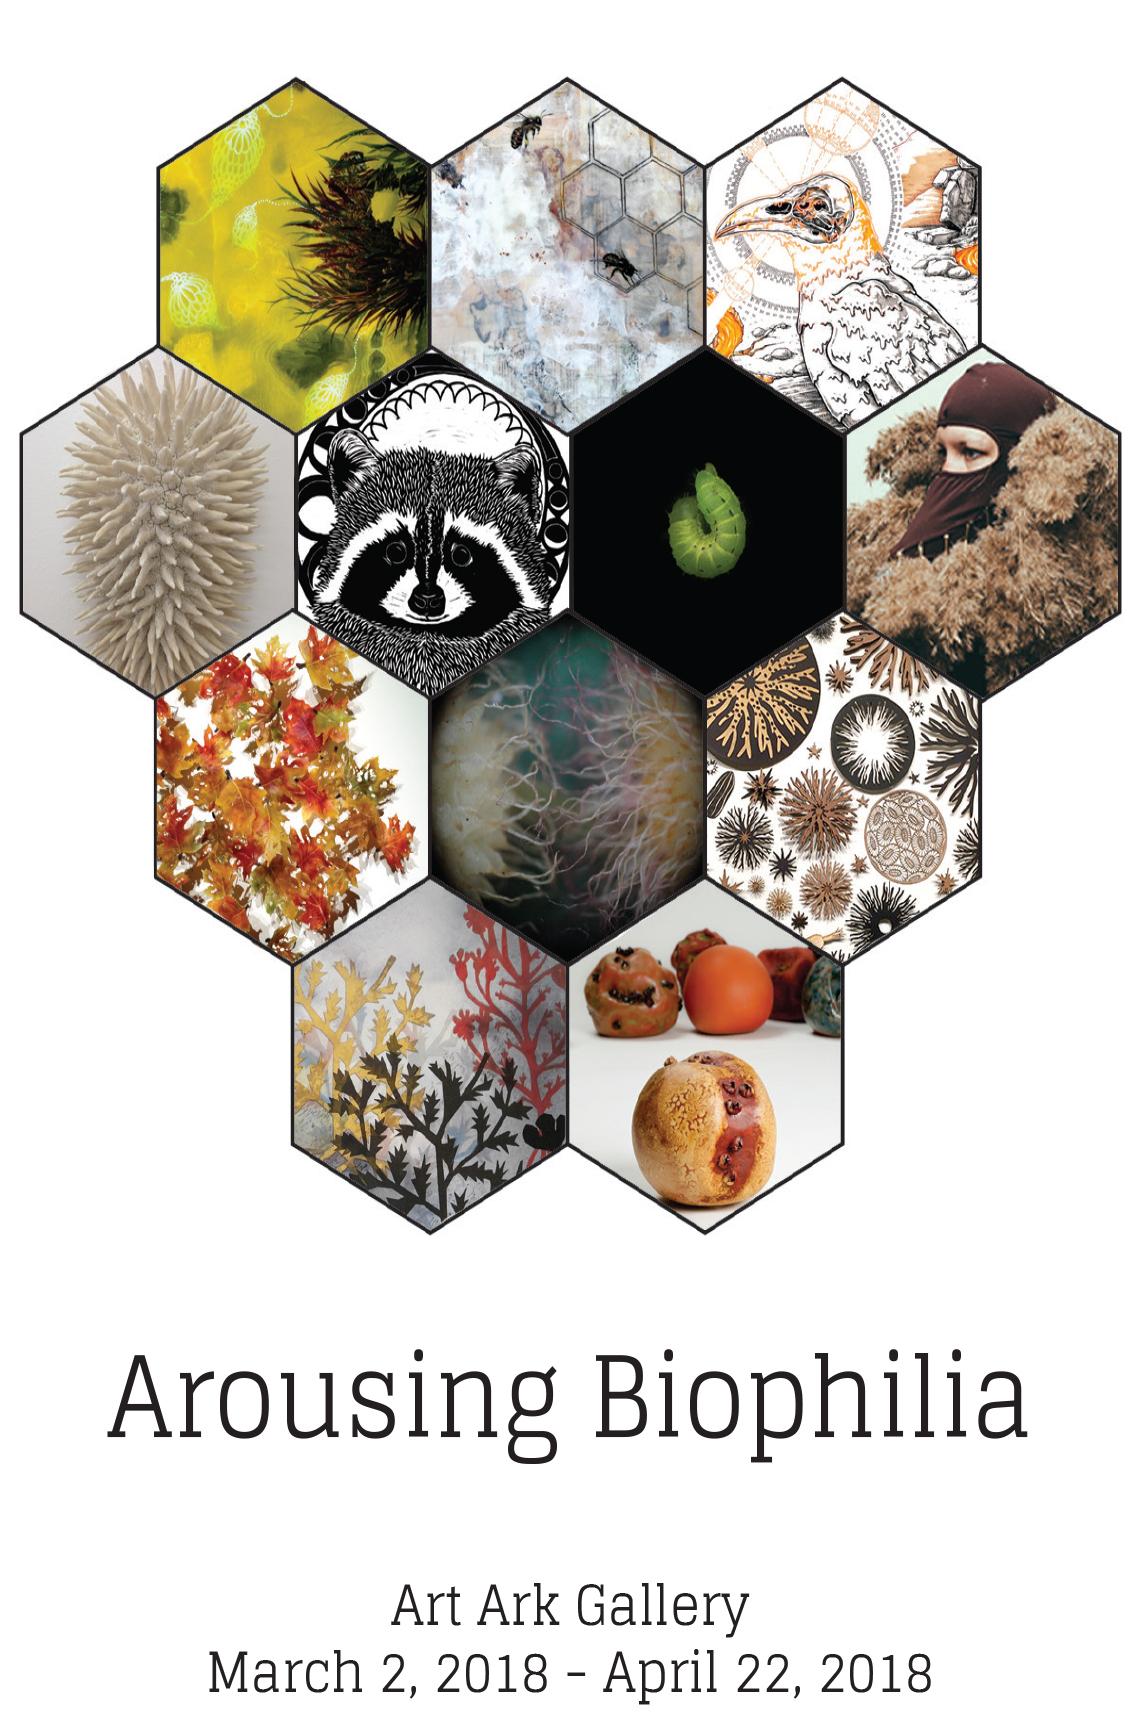 Arousing Biophilia